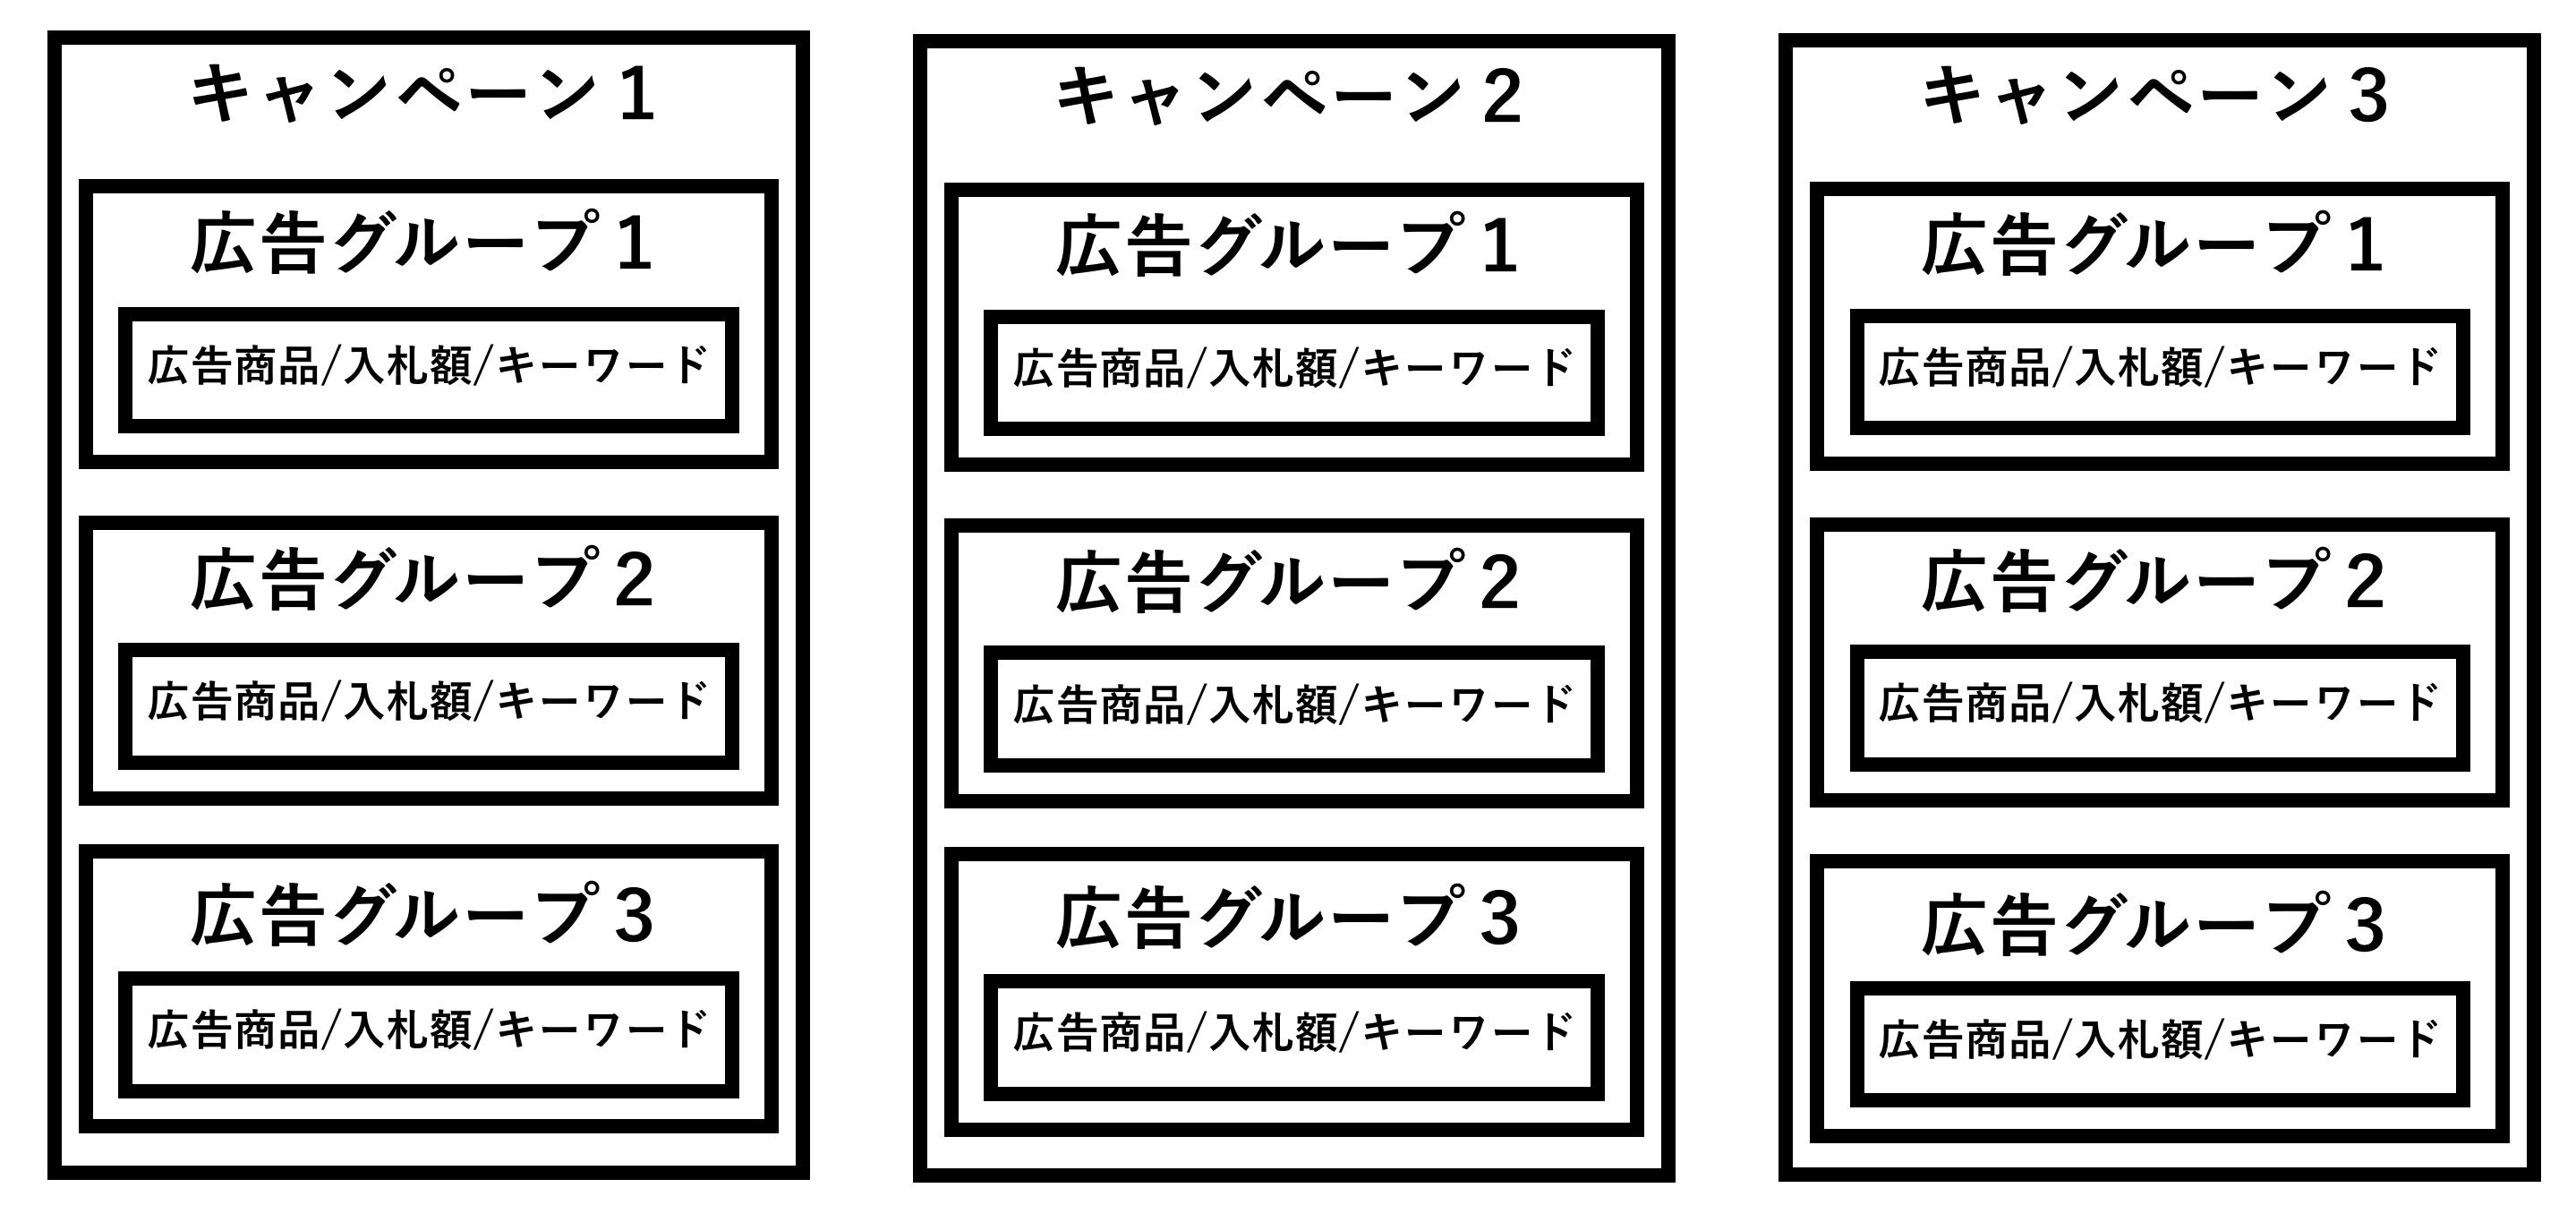 スポンサープロダクト広告の構成